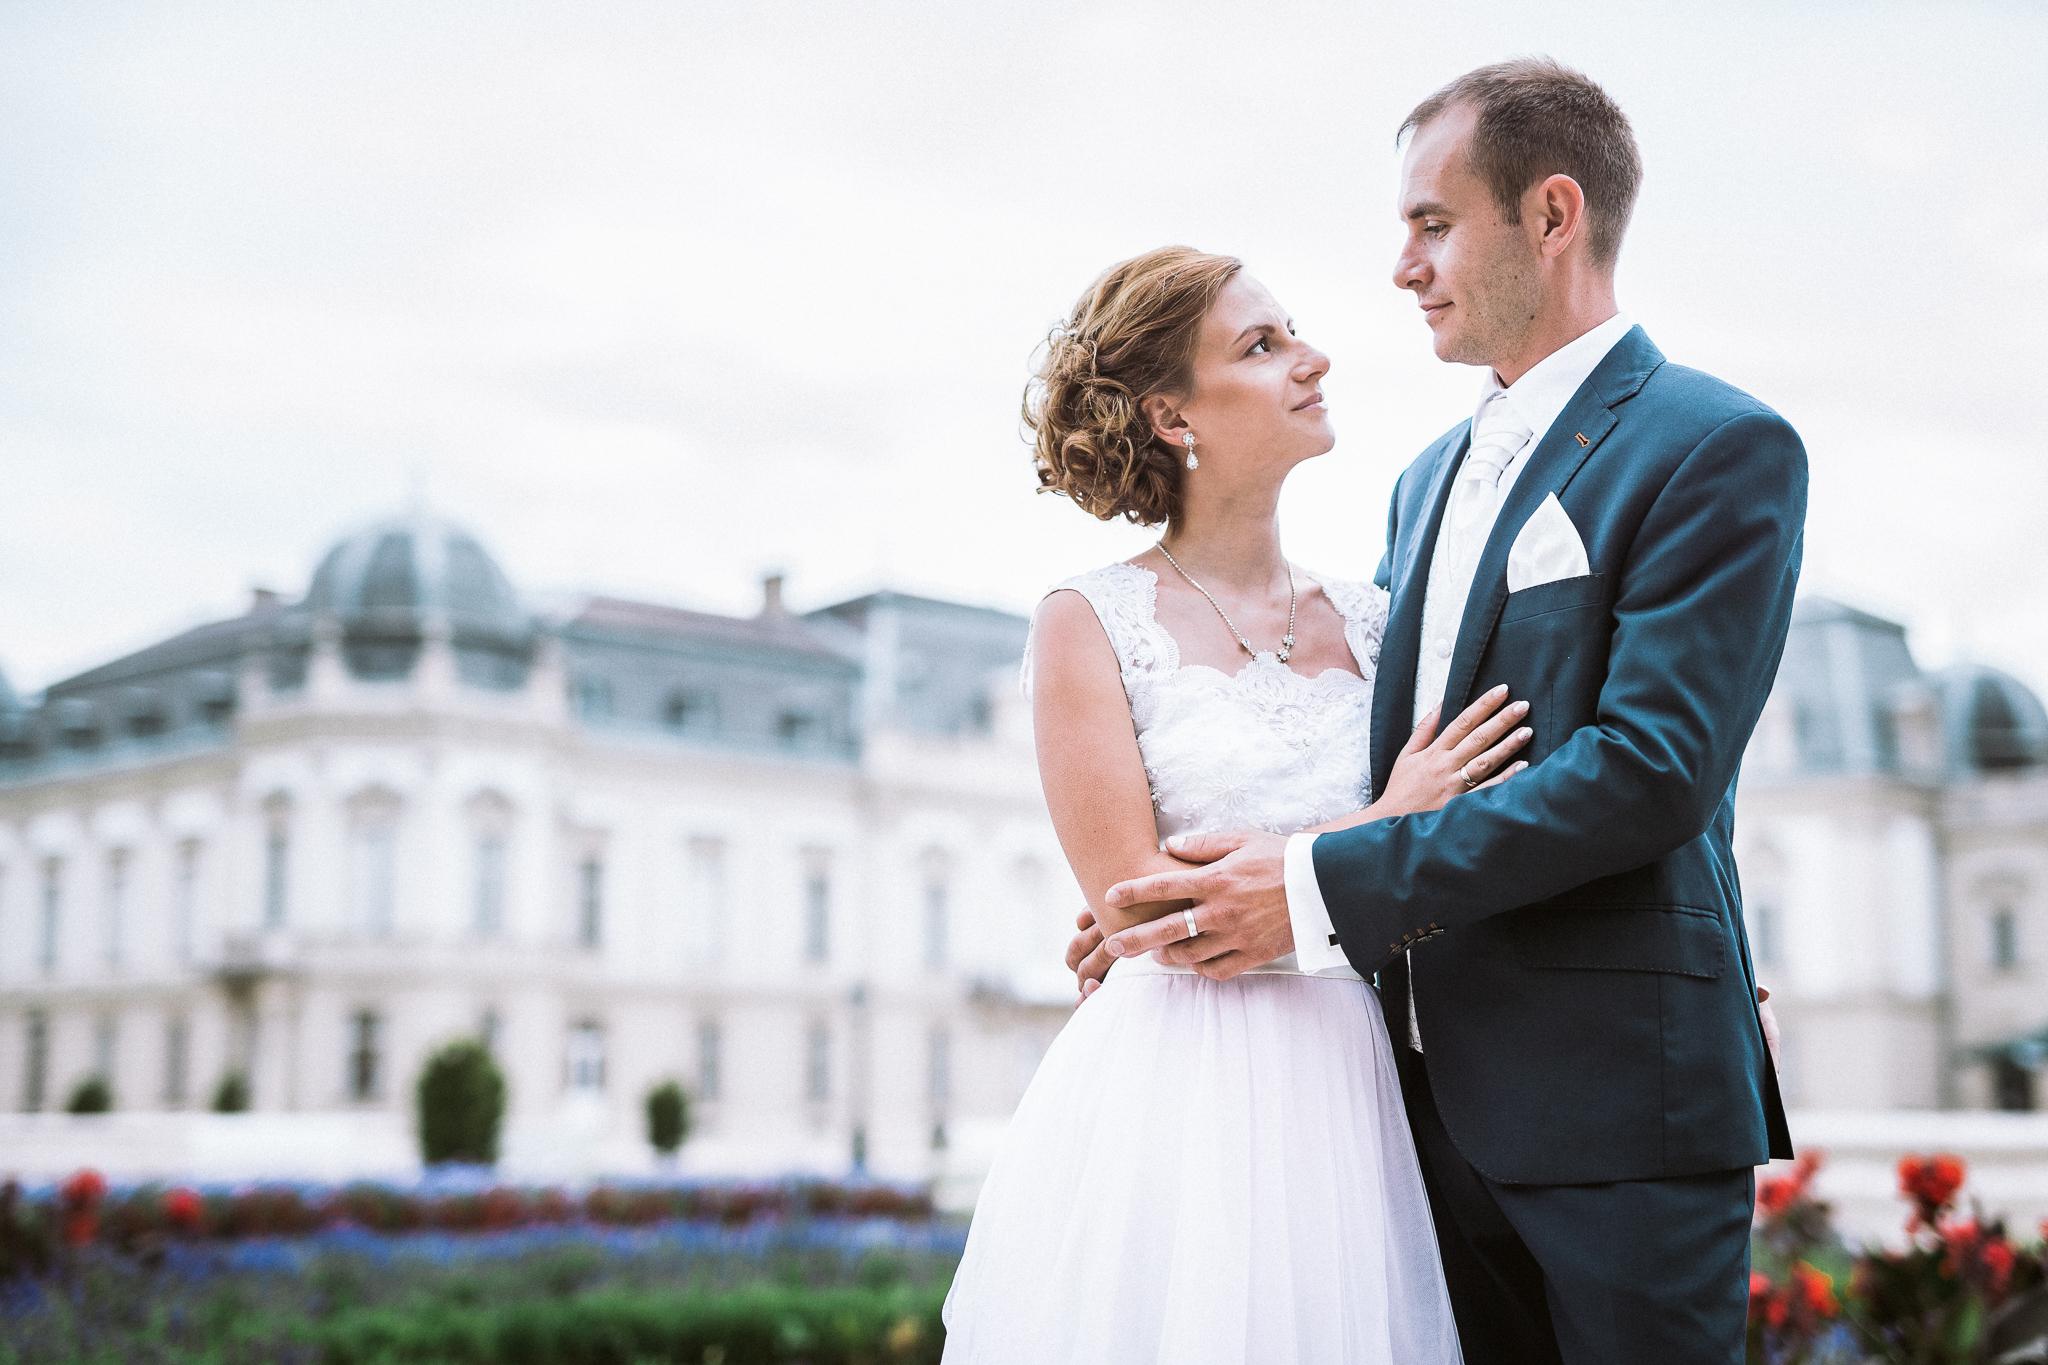 FylepPhoto, esküvőfotós, esküvői fotós Körmend, Szombathely, esküvőfotózás, magyarország, vas megye, prémium, jegyesfotózás, Fülöp Péter, körmend, kreatív, fotográfus_11-2.jpg